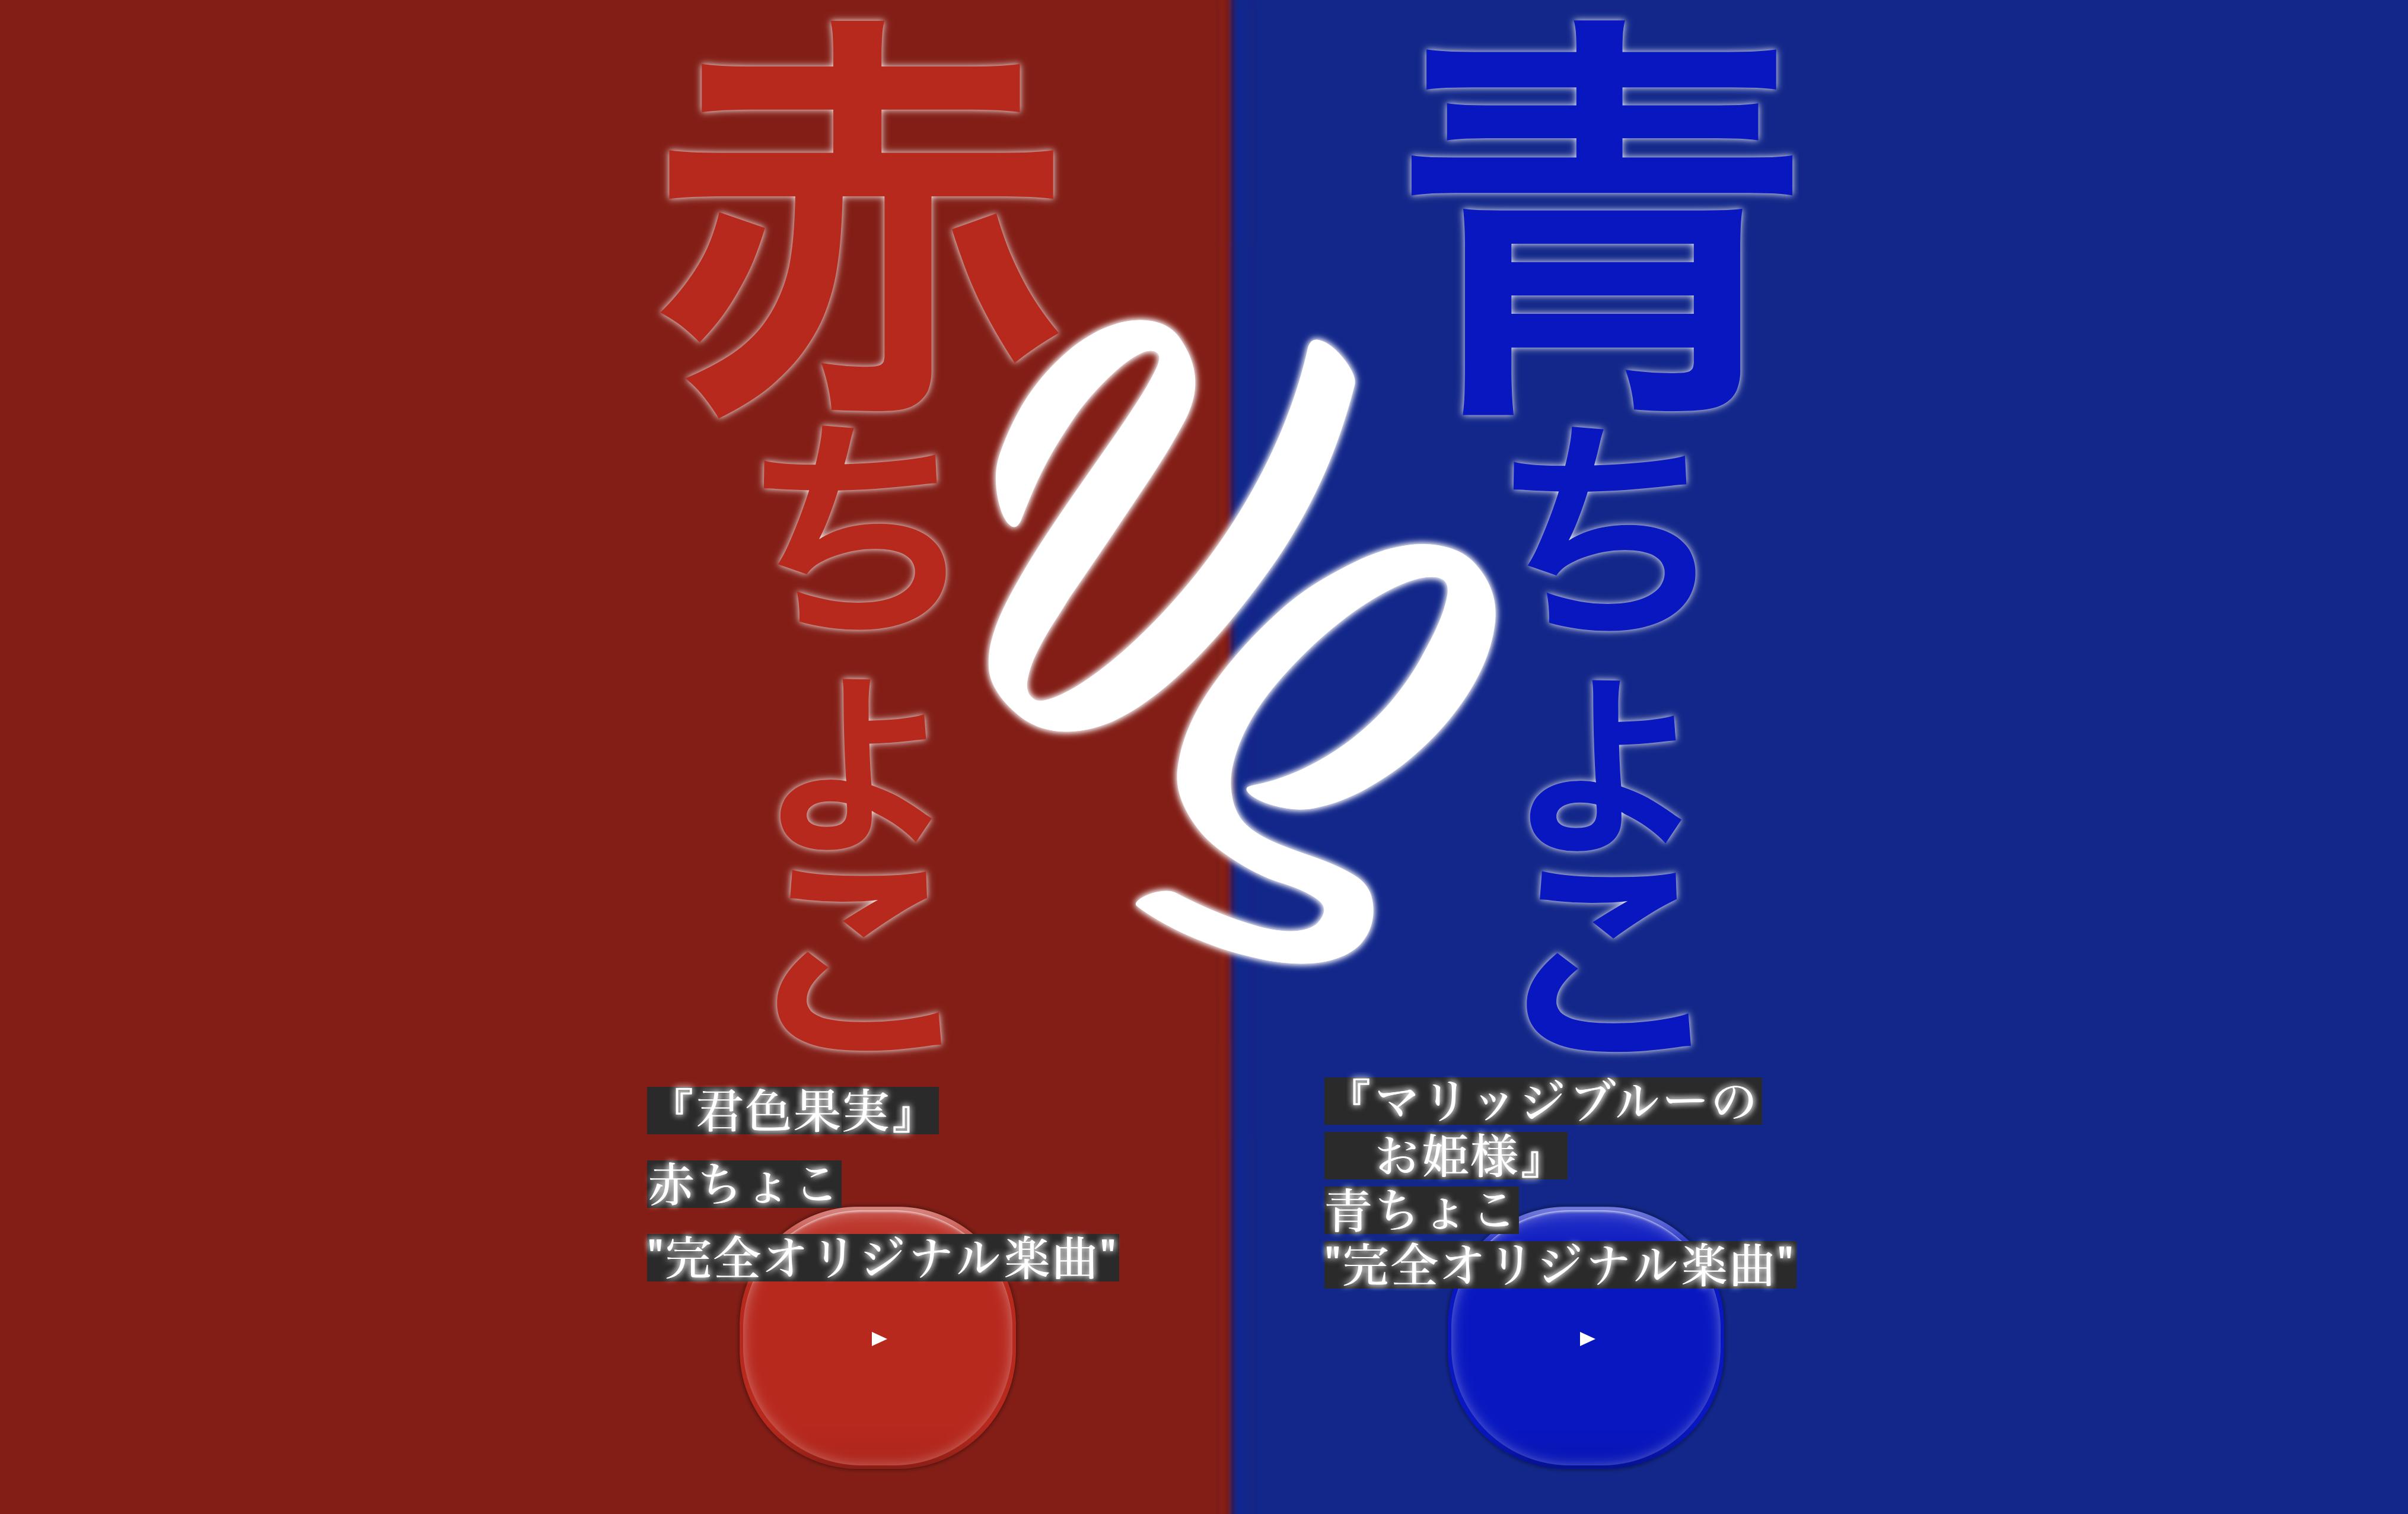 超王道アイドルプロジェクト第1期生募集!!